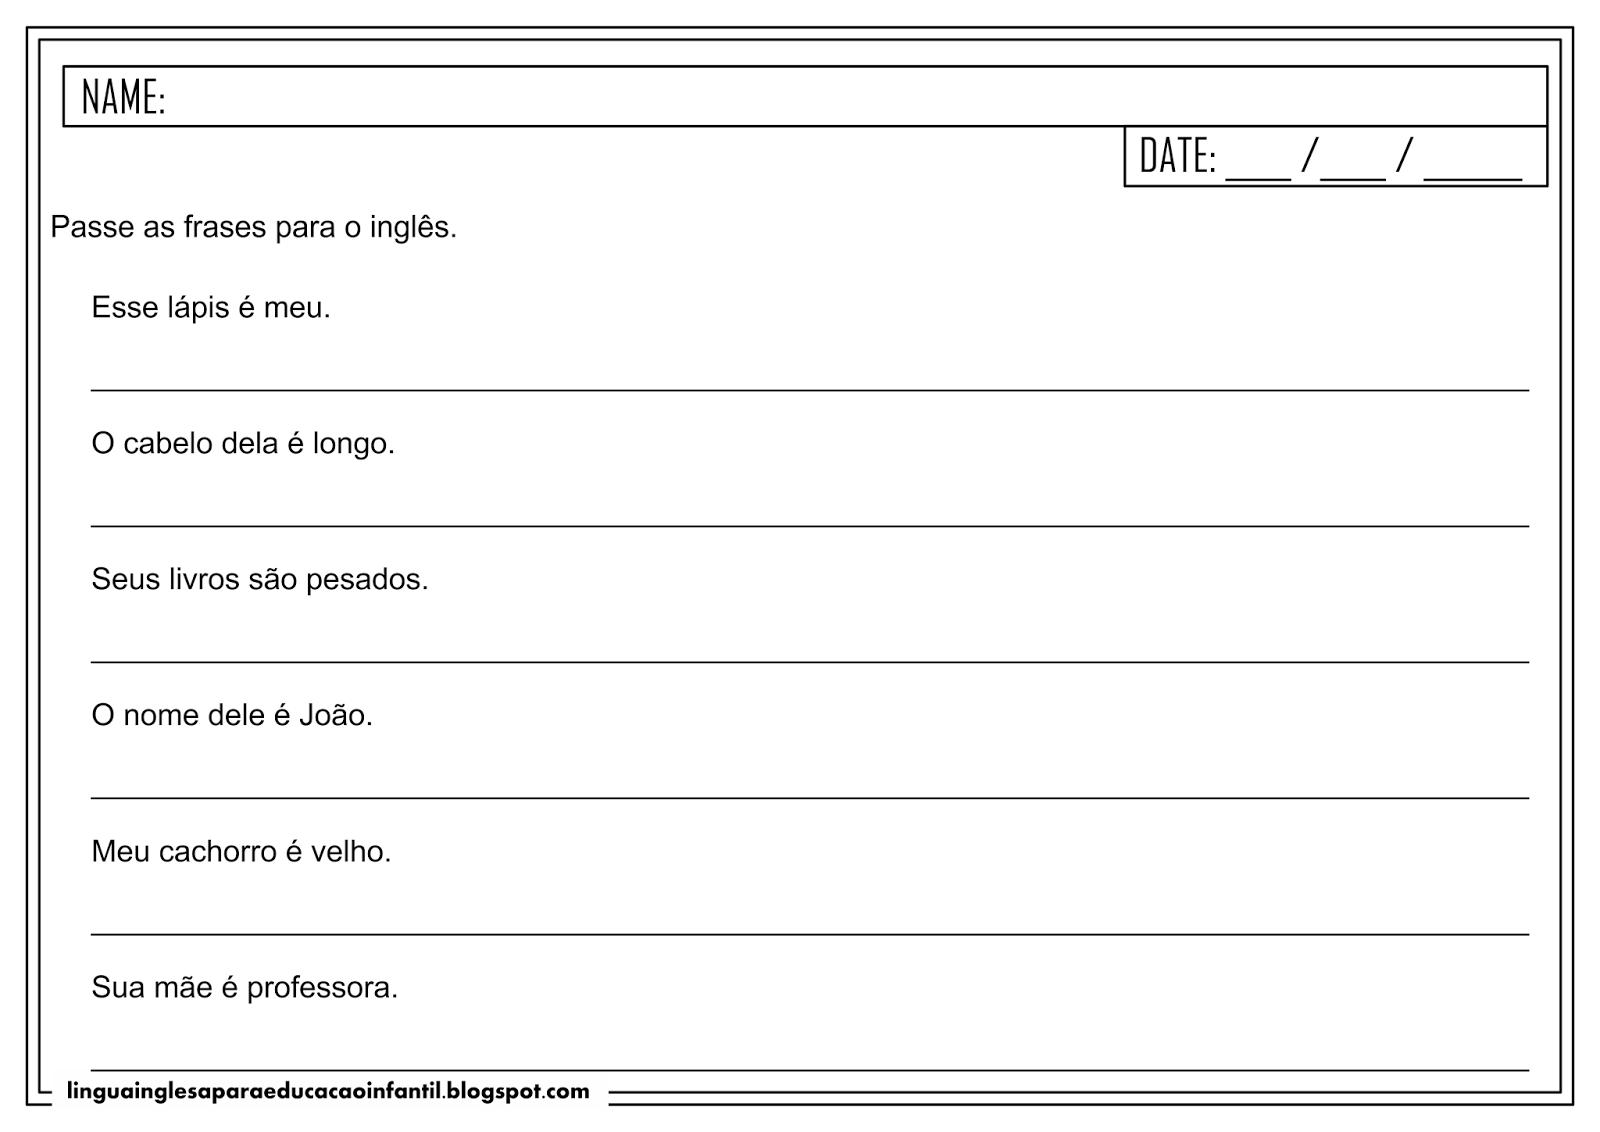 Atividade de inglês - Pronomes possessivos para educação infantil